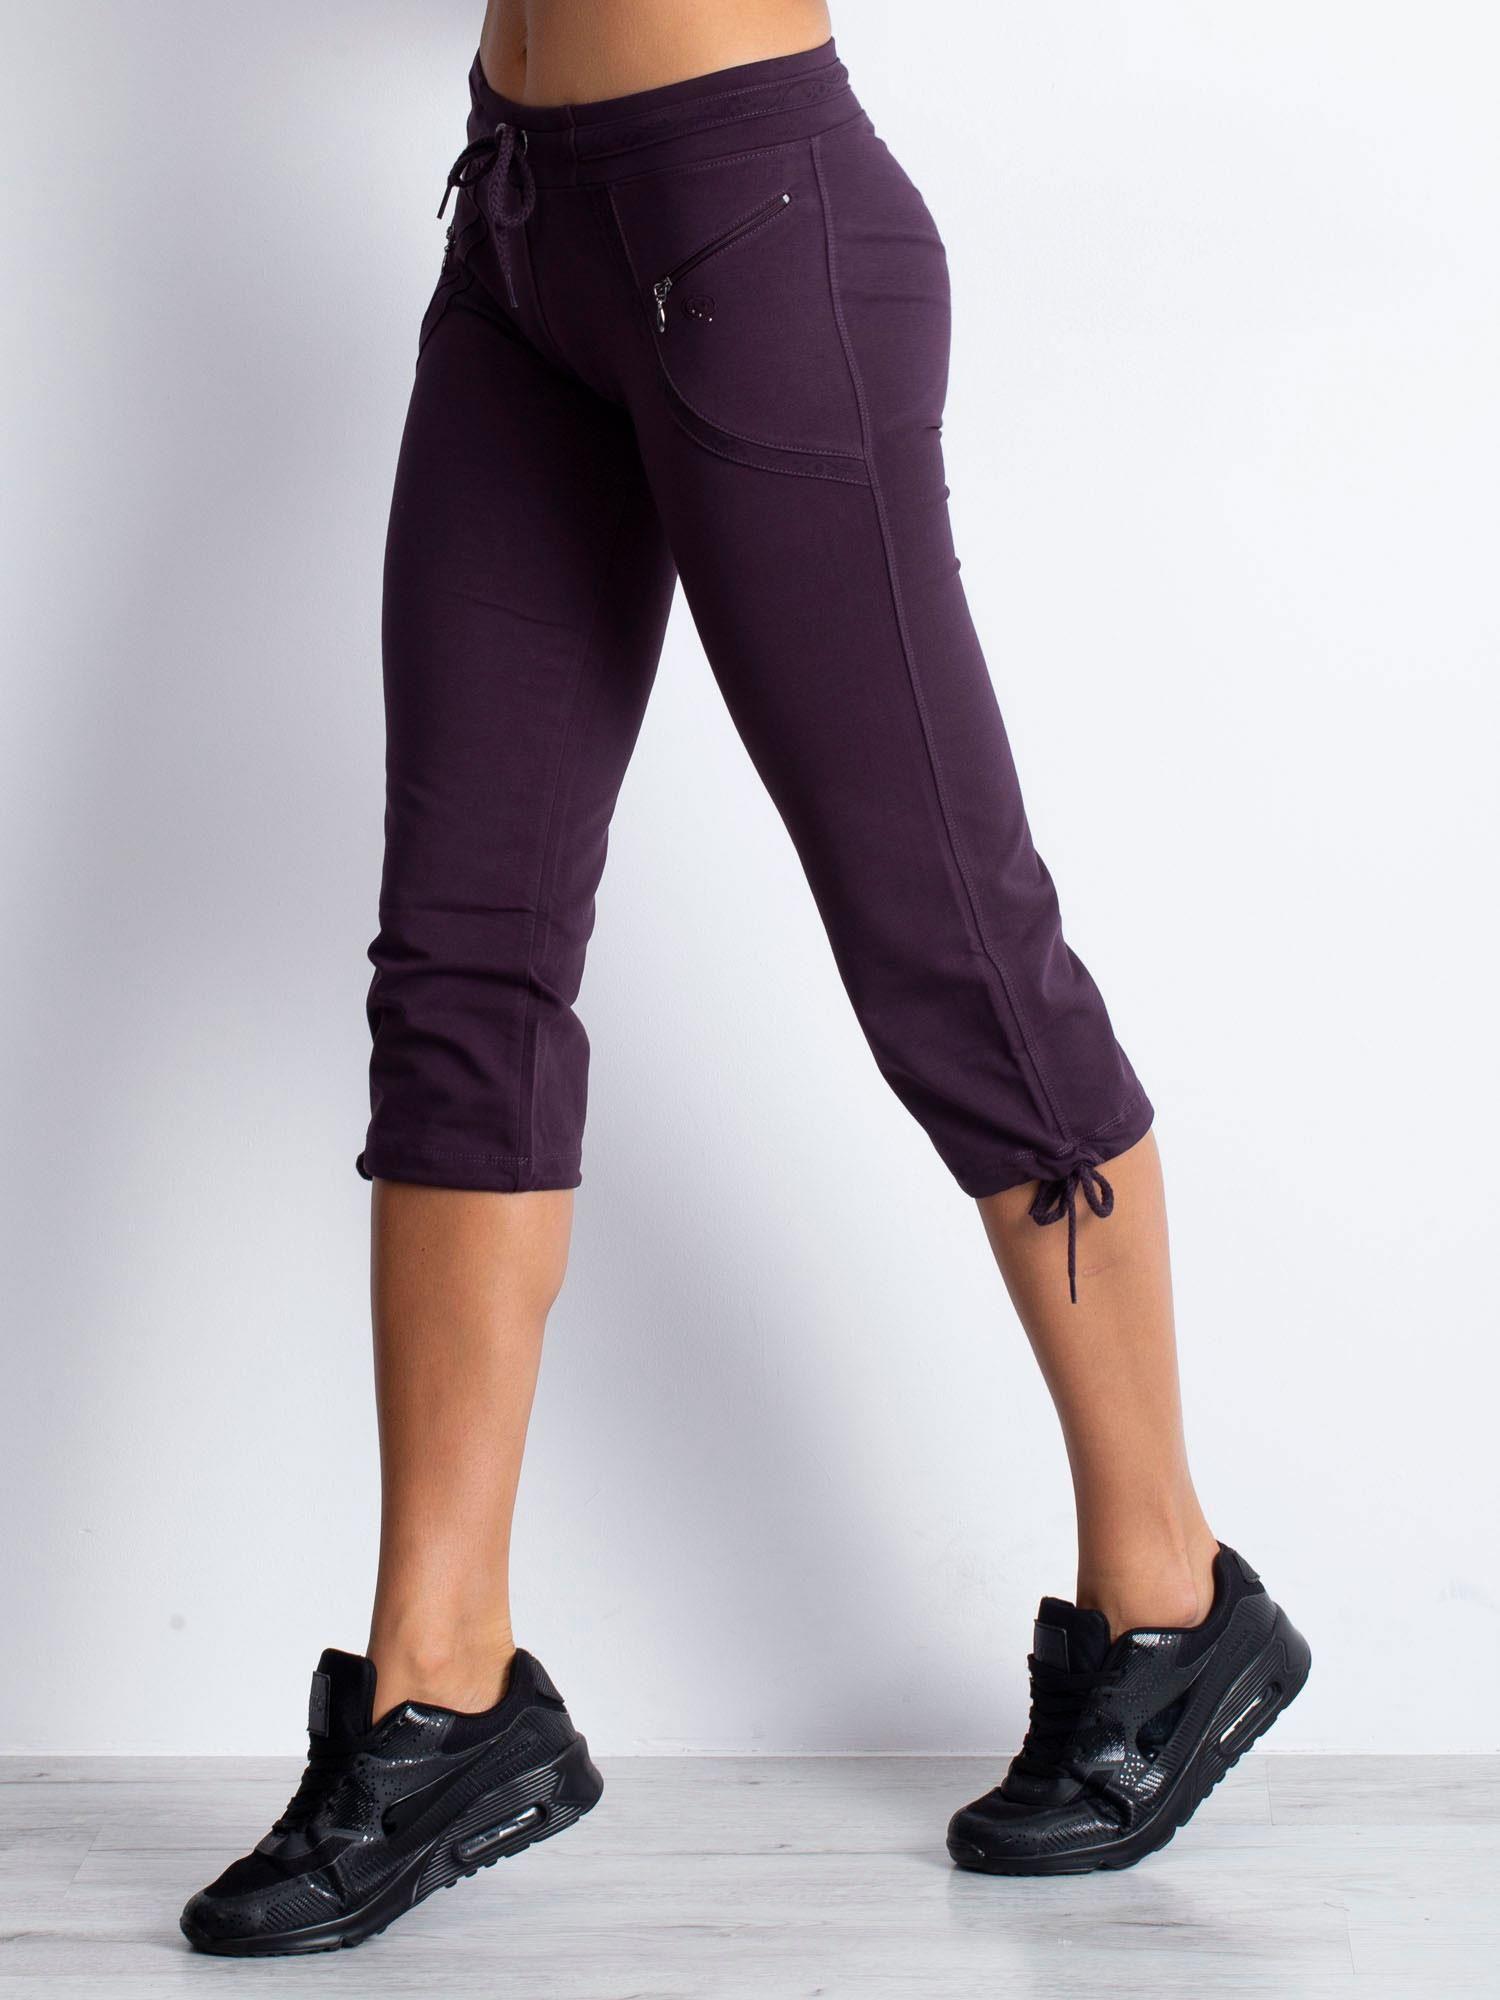 Ciemnofioletowe spodnie dresowe capri z kieszeniami na suwak                                  zdj.                                  1